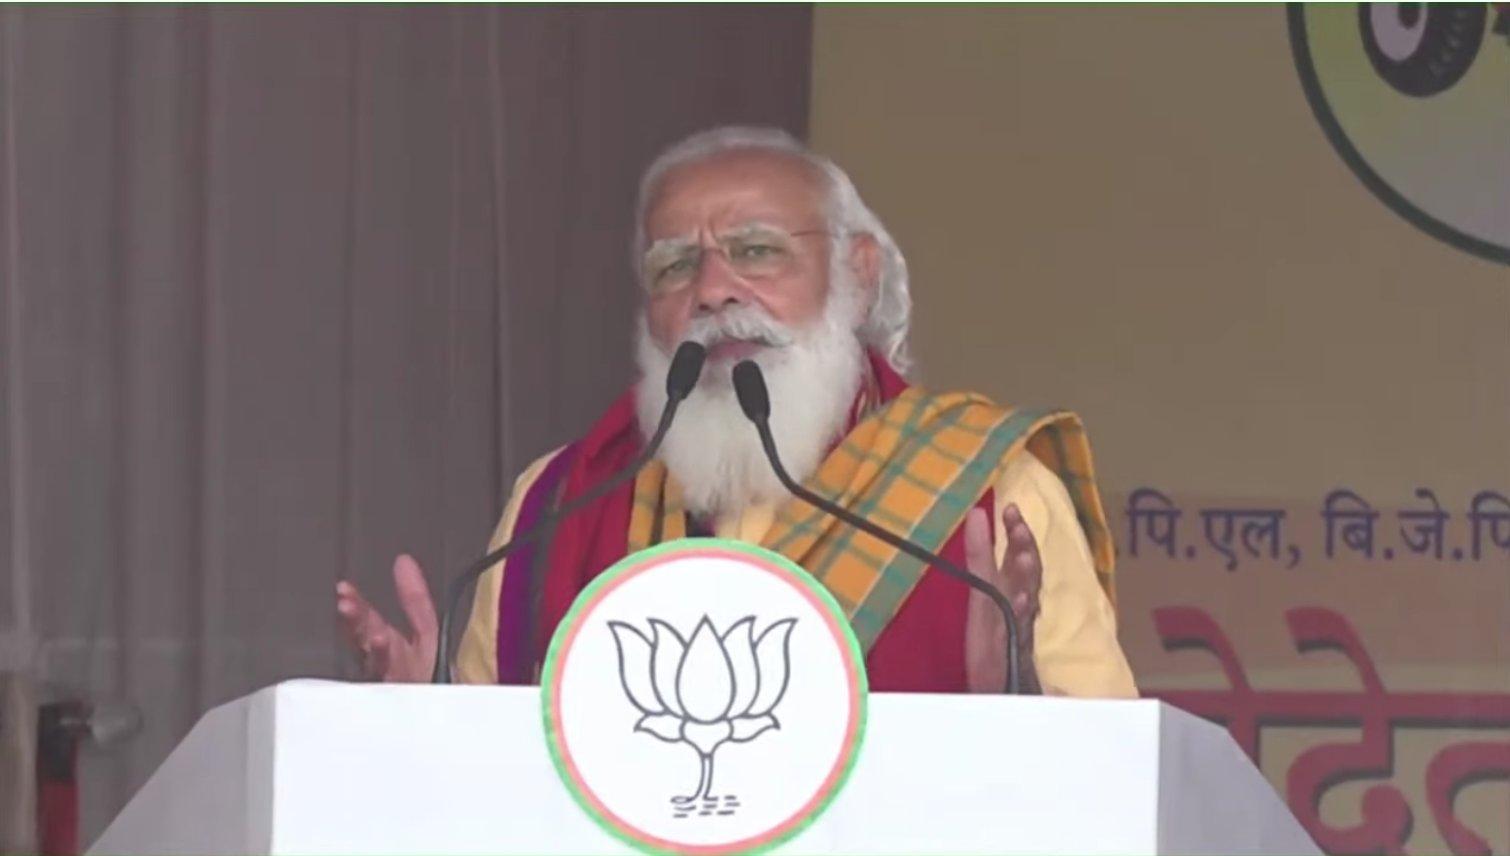 असम के तामुलपुर में बोले पीएम मोदी, 'महाझूठ की पोल खुली, असम का अपमान करने वाले बर्दाश्त नहीं'